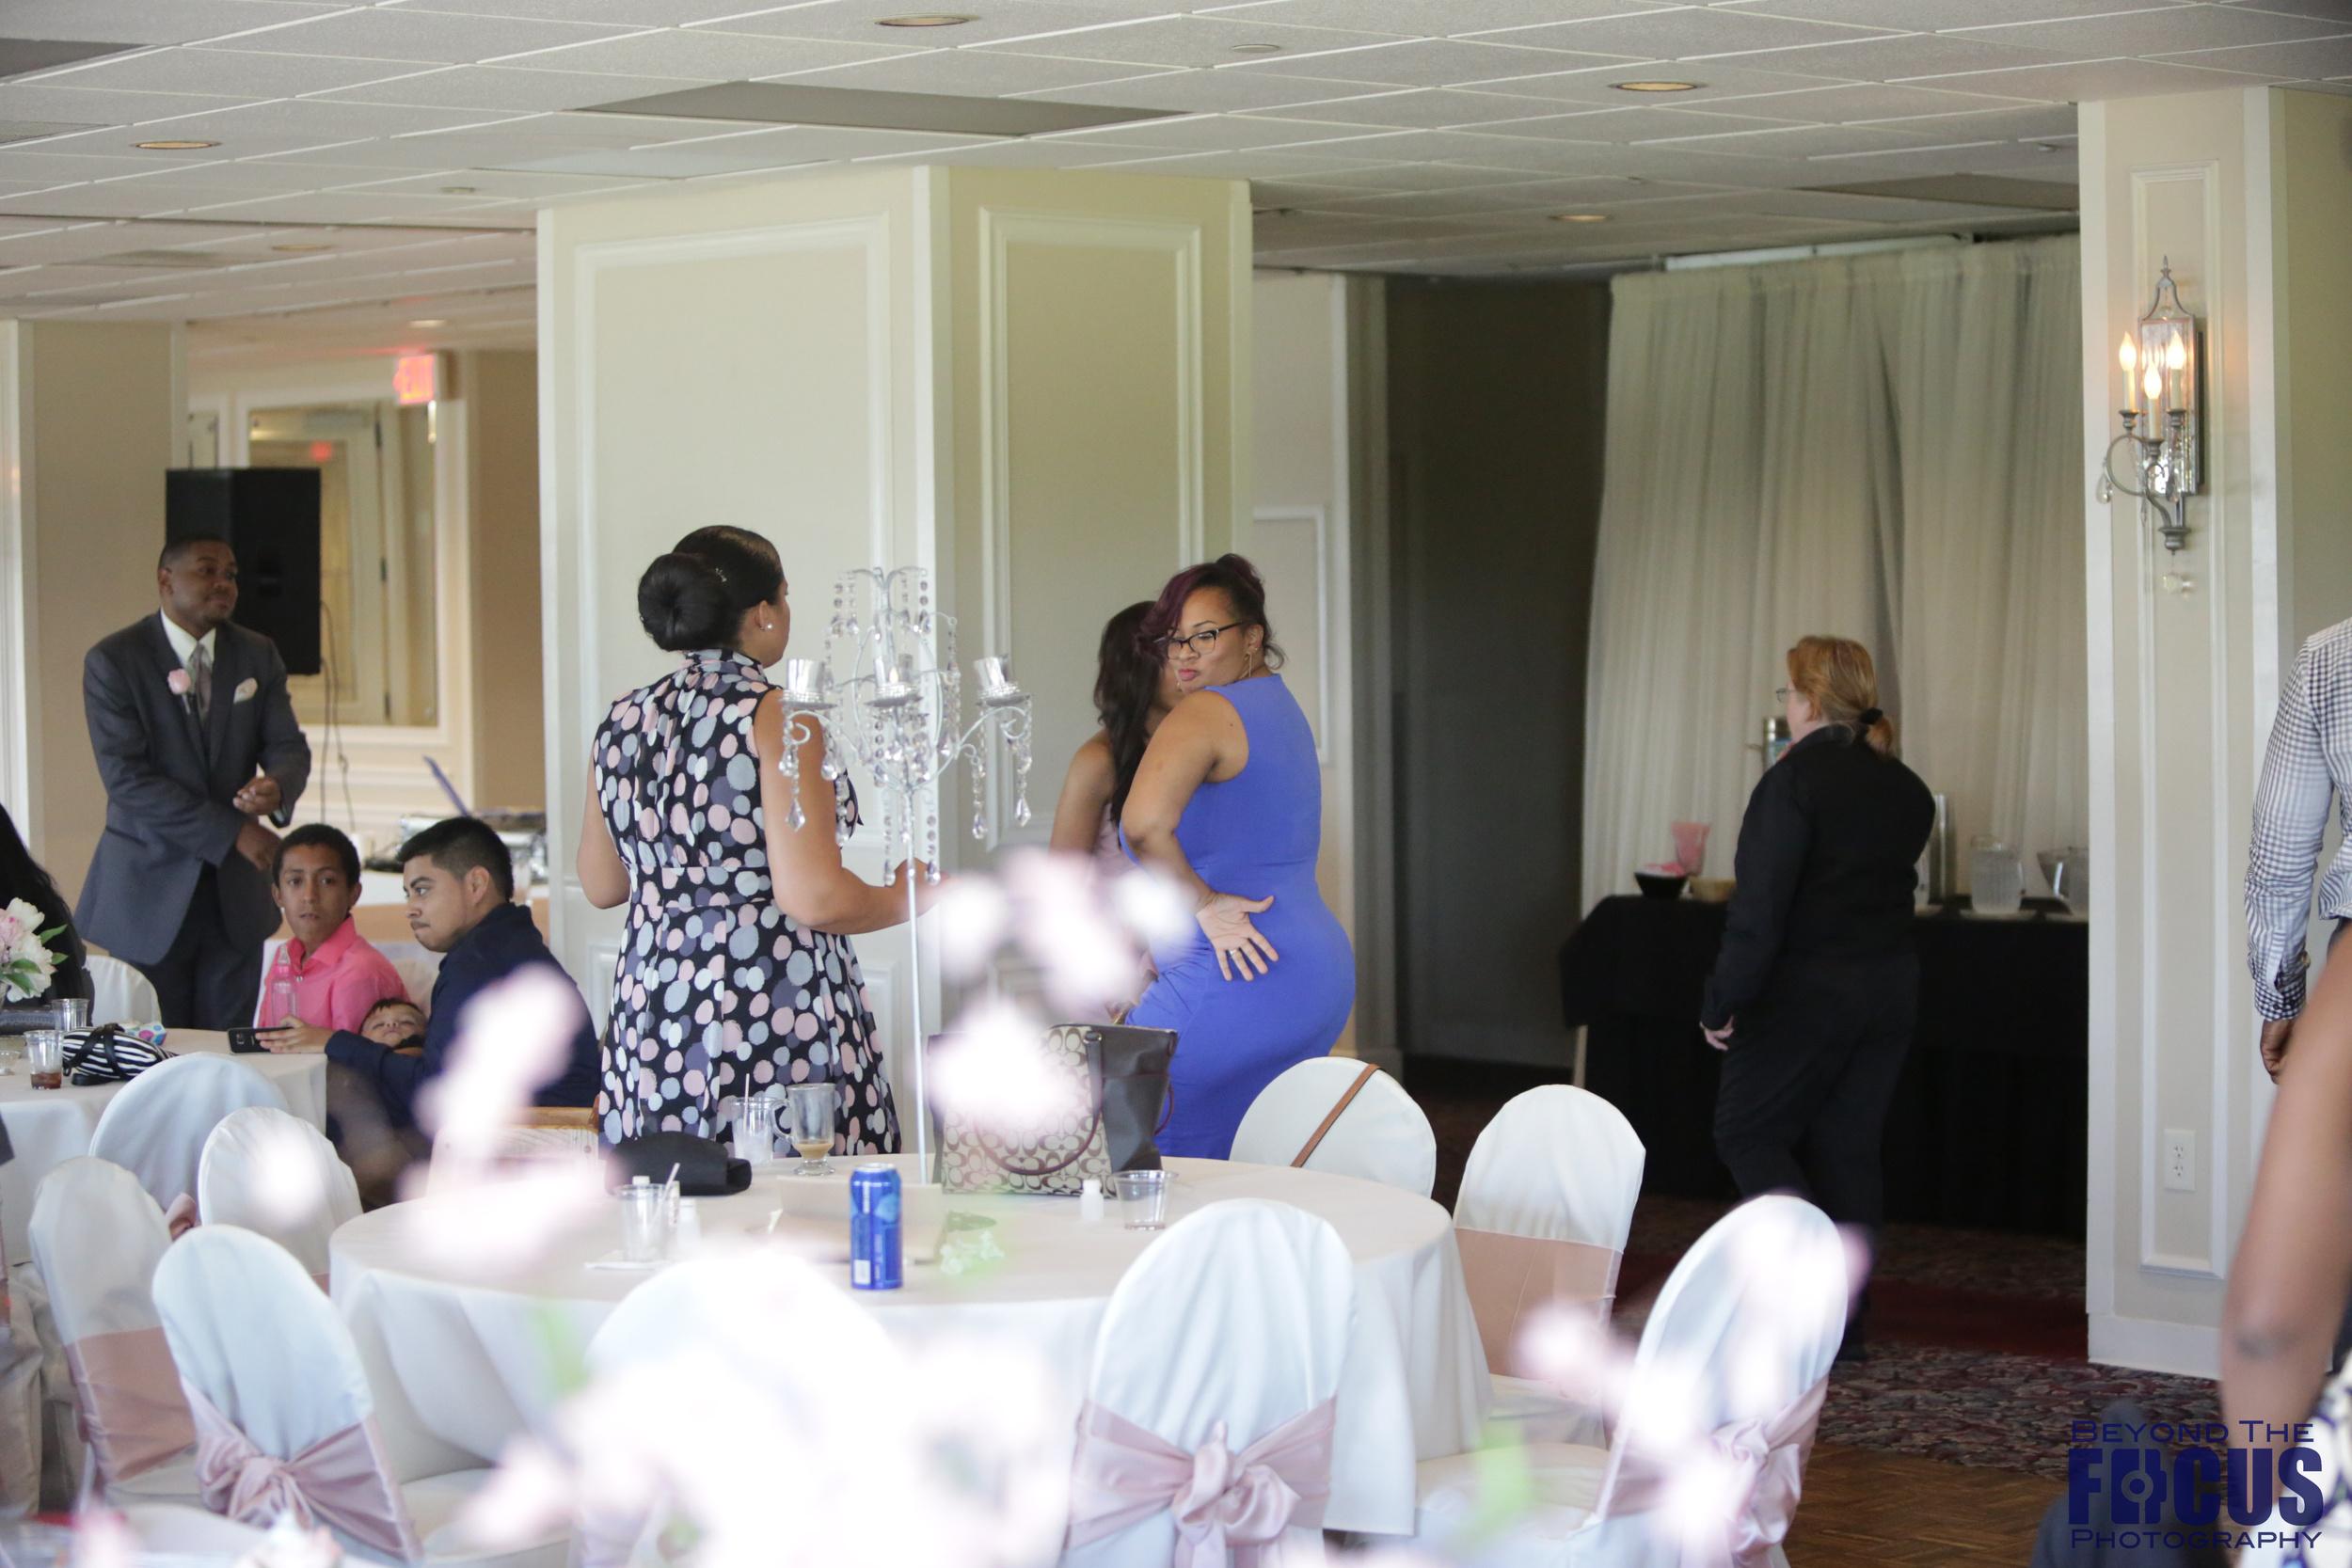 Palmer Wedding - Reception 243.jpg